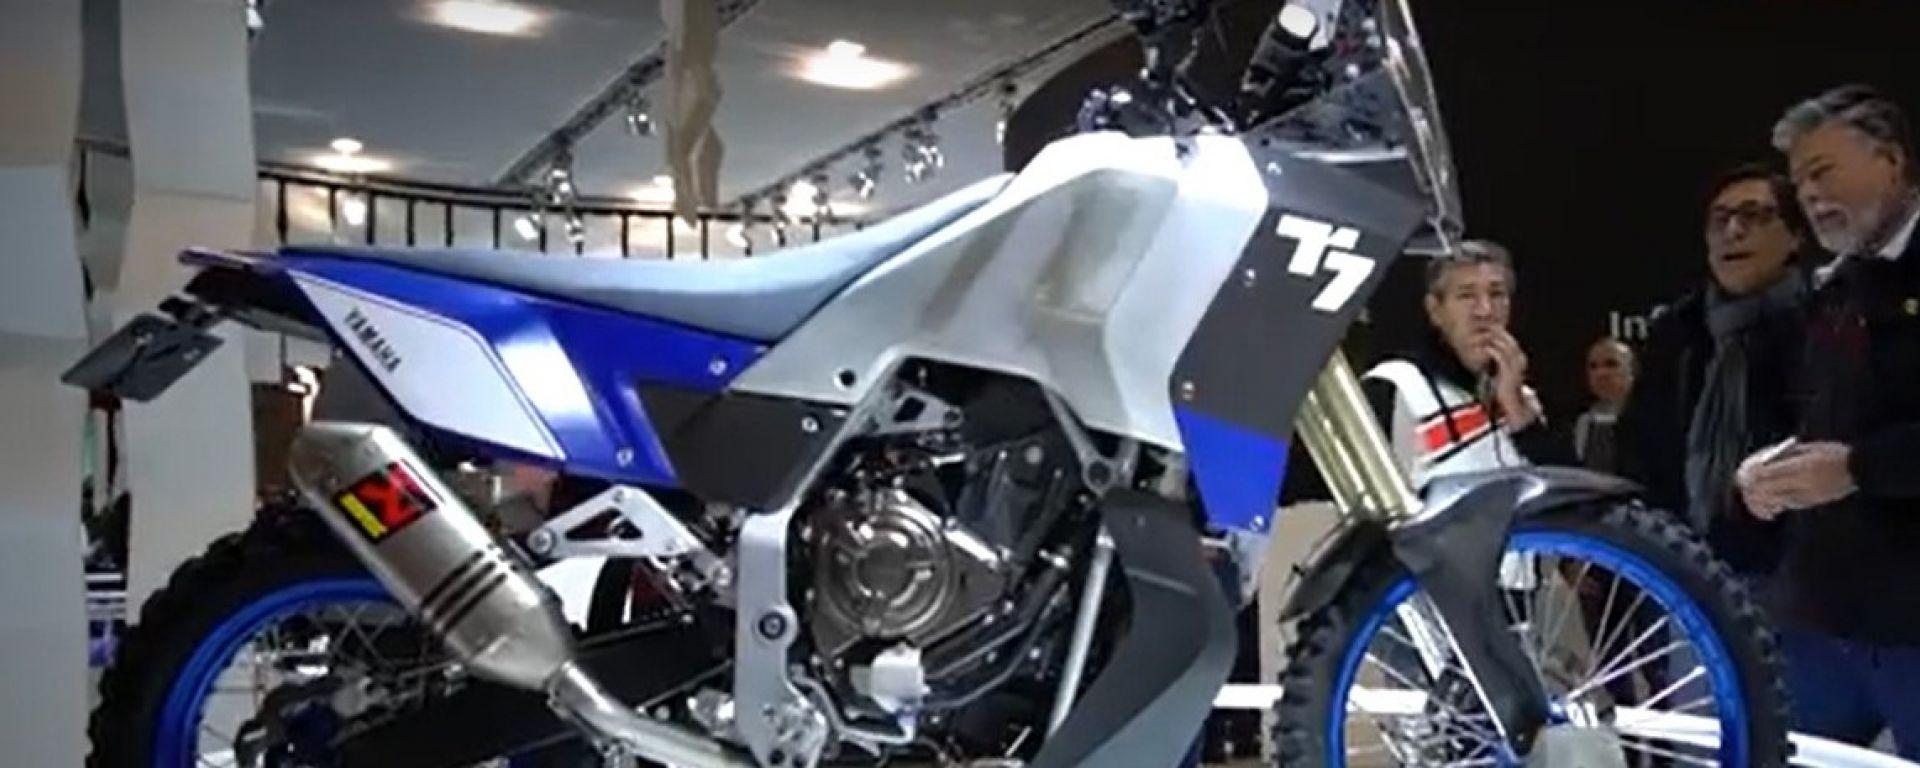 Eicma 2016 | Novità moto: Live Eicma 2016: Yamaha Concept ...